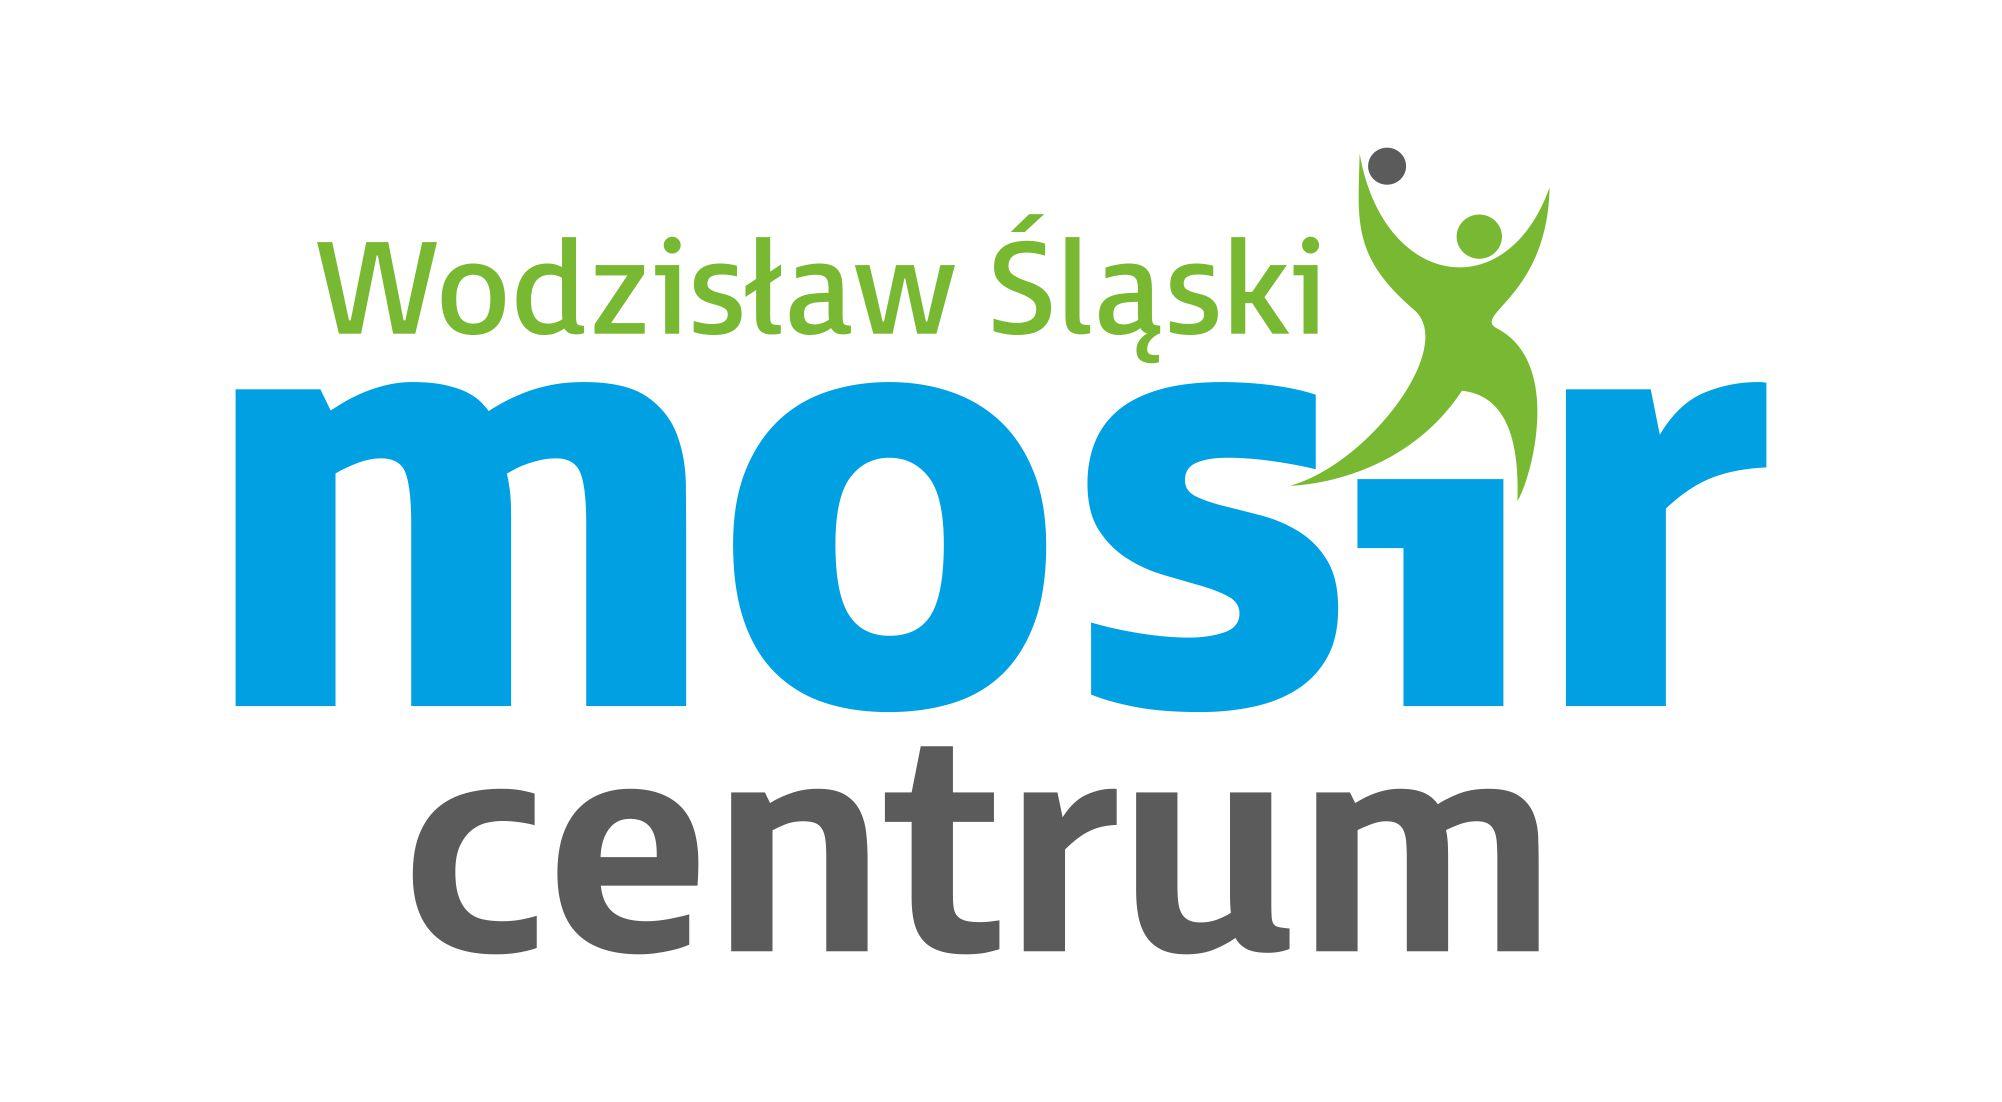 Logo Zawodów II Wodzisławski Duathlon 2021